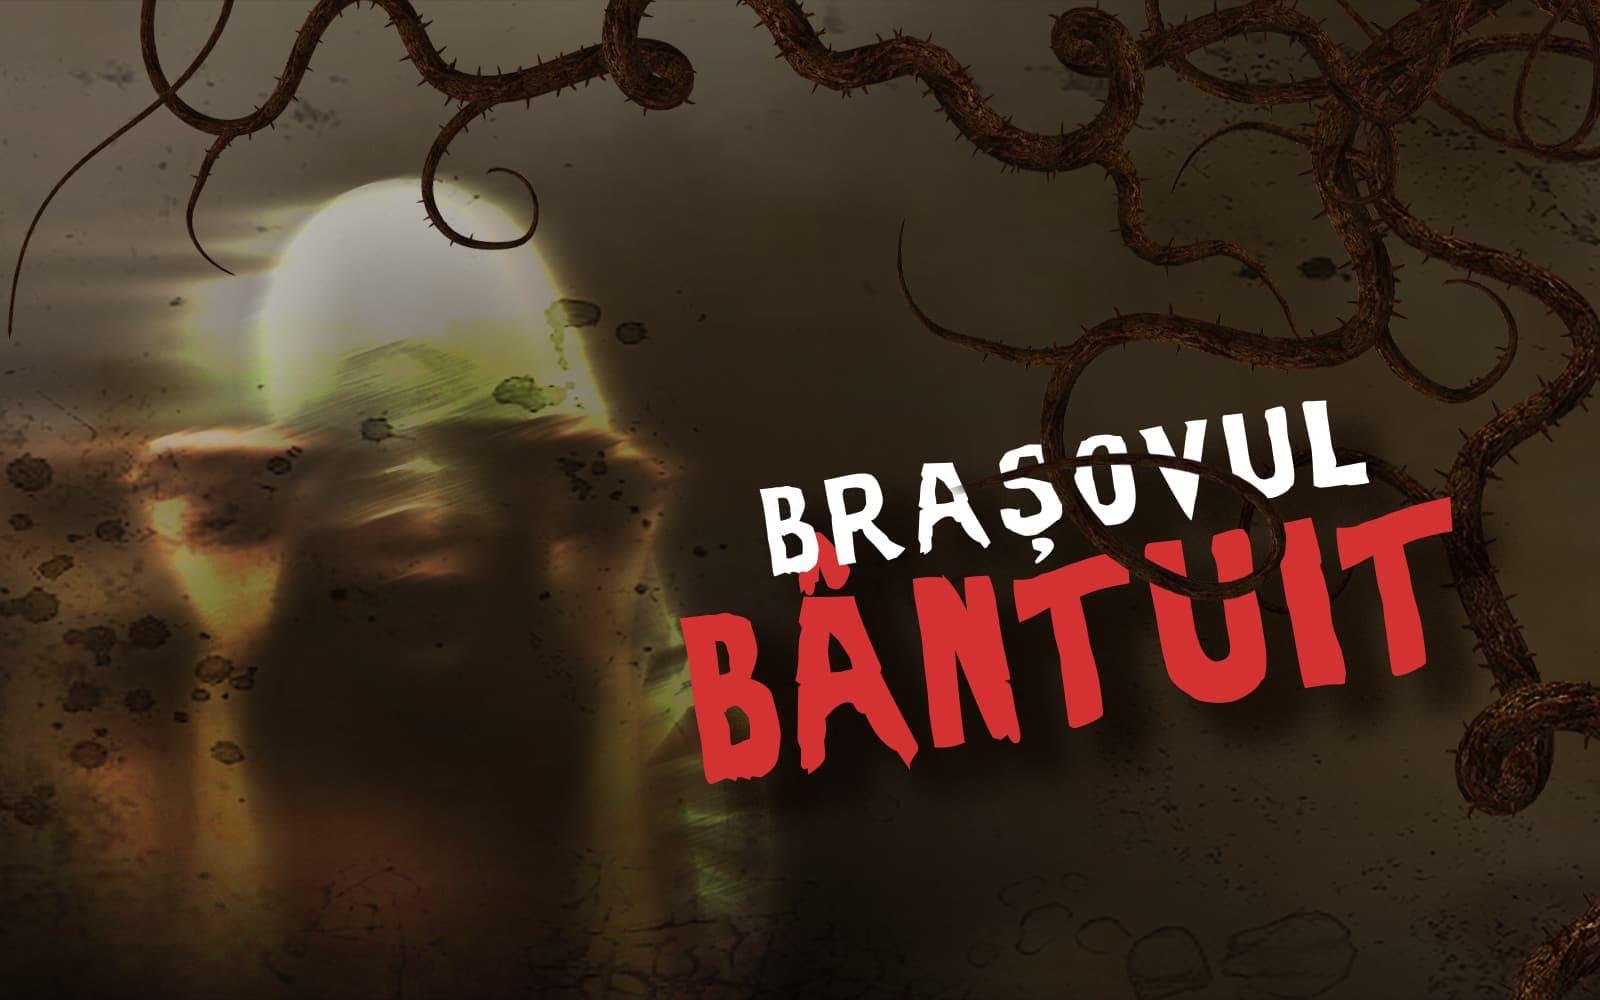 Brașovul Bântuit: Cele Șapte Păcate Capitale image